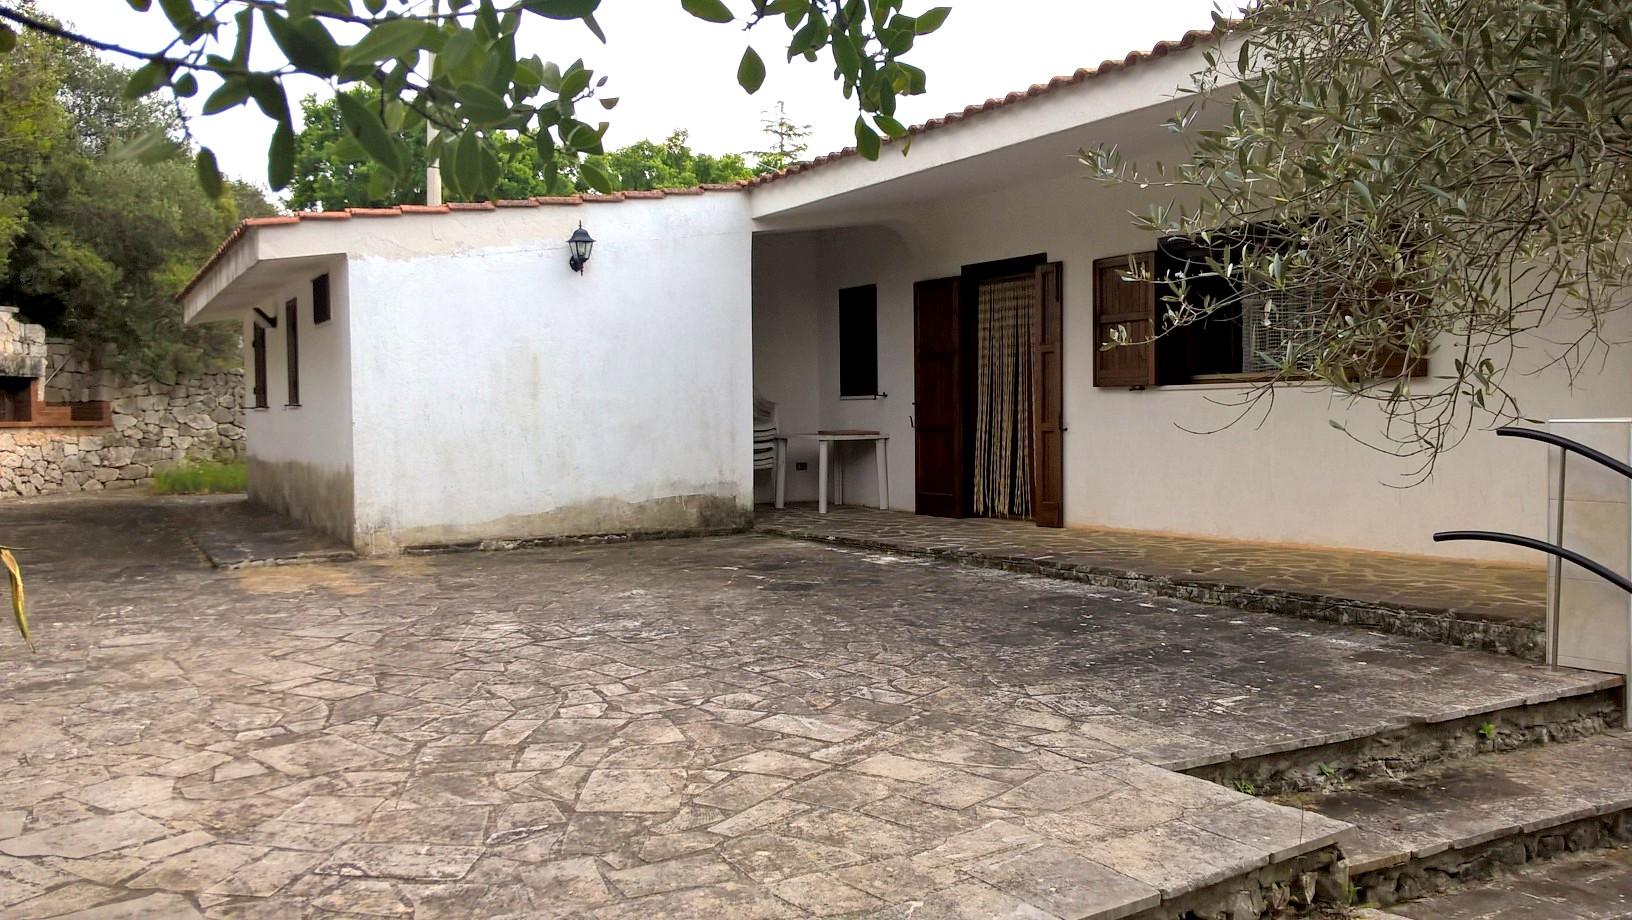 Villa in vendita a Ostuni, 3 locali, prezzo € 130.000 | Cambio Casa.it